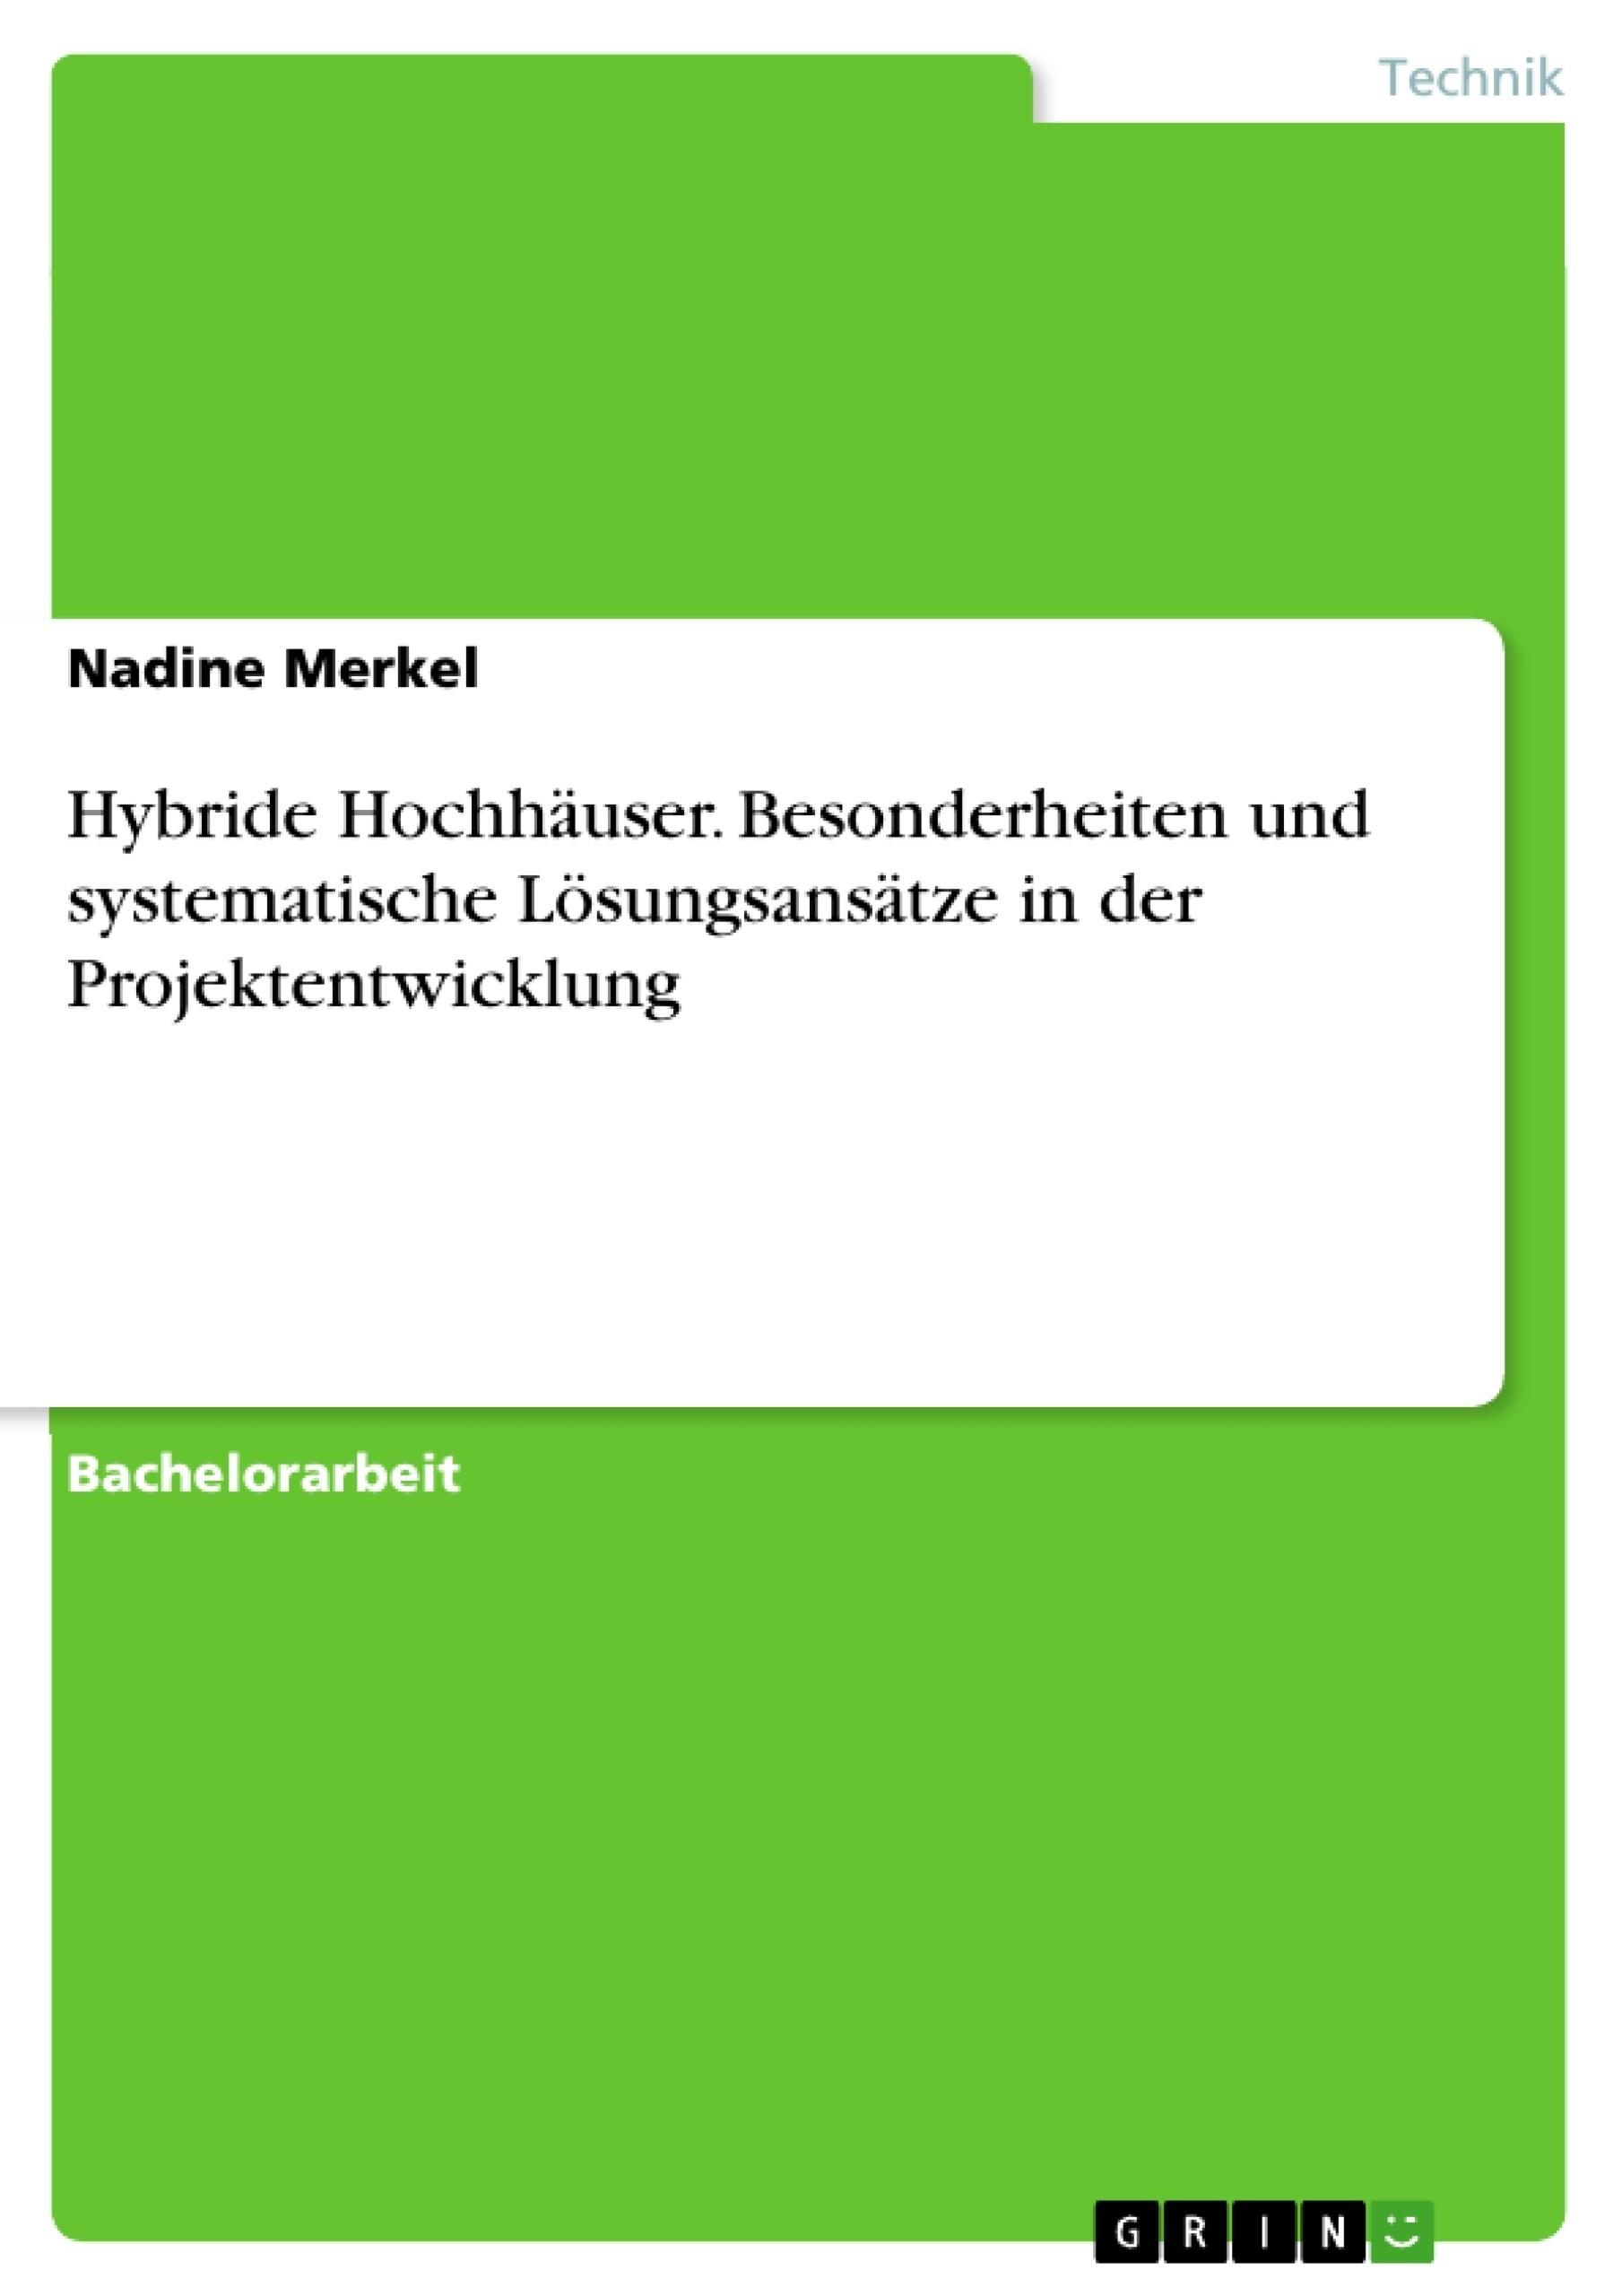 Titel: Hybride Hochhäuser. Besonderheiten und systematische Lösungsansätze in der Projektentwicklung